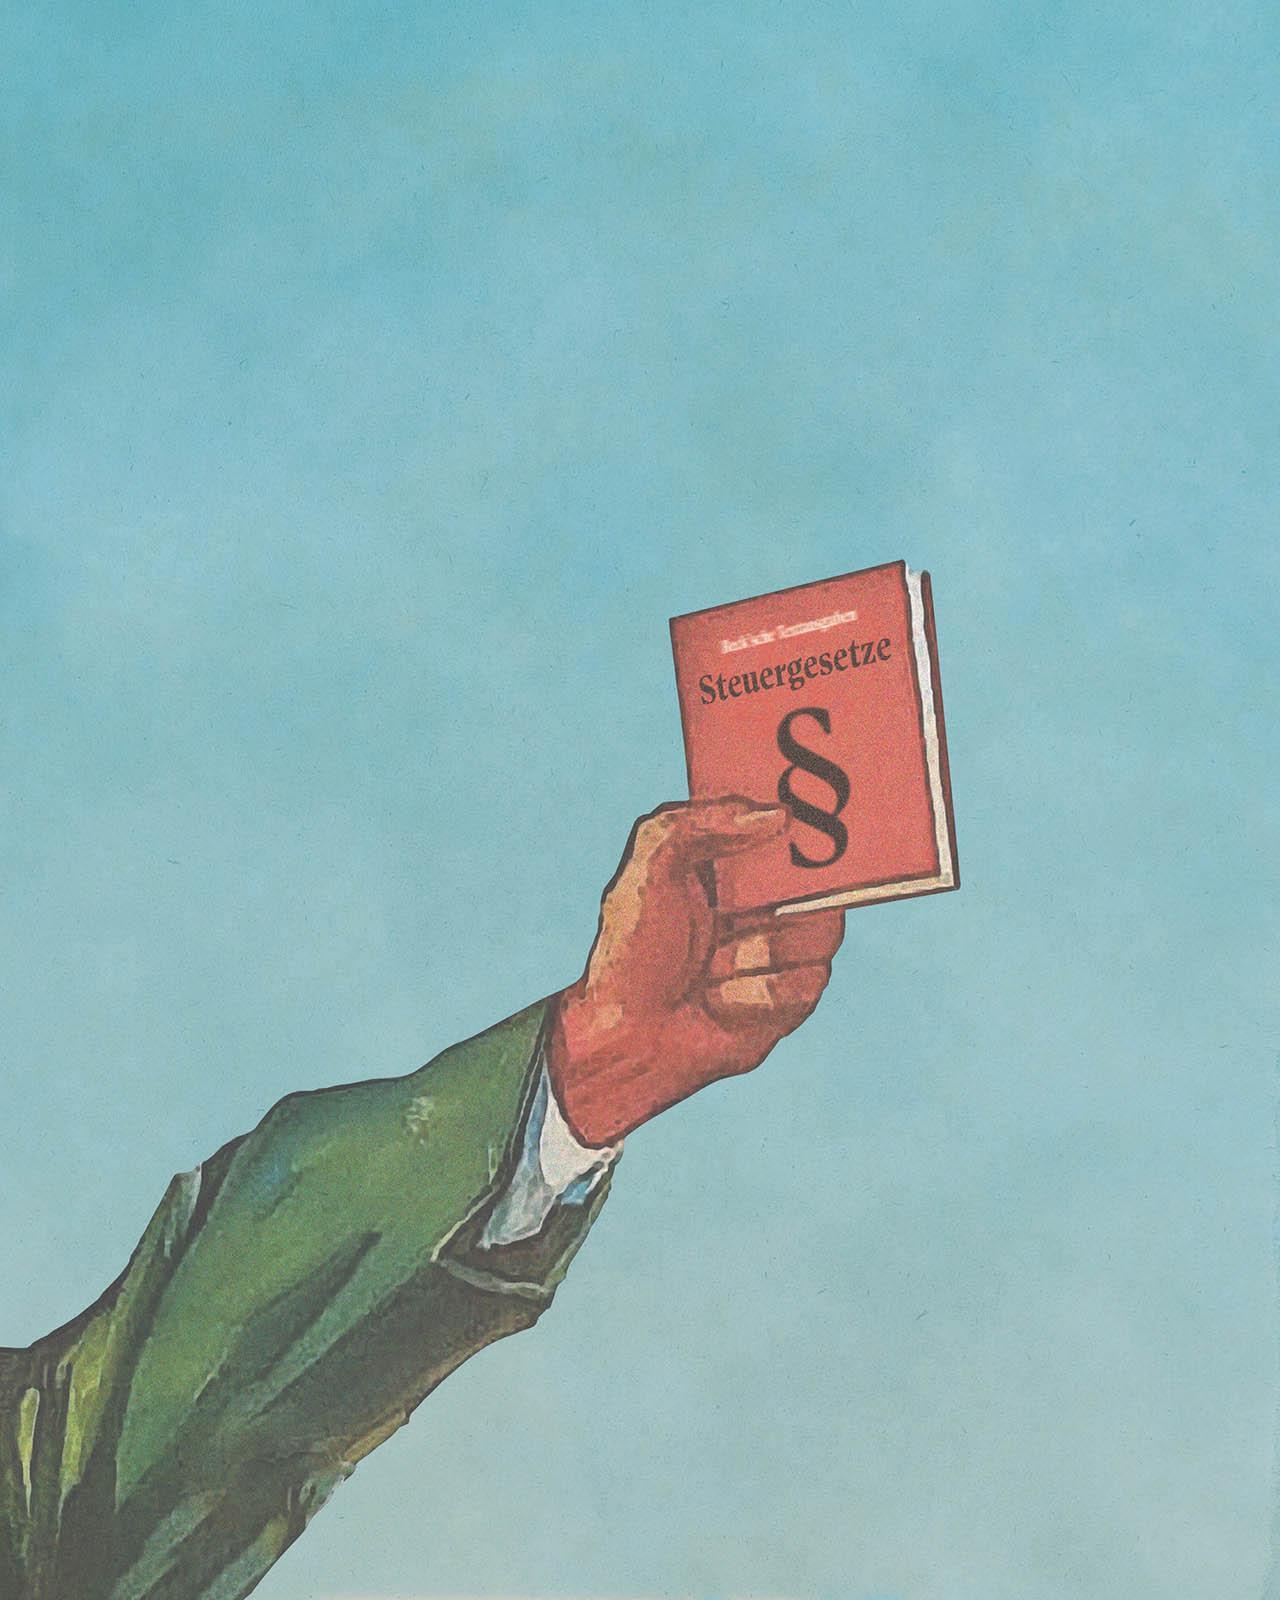 Wie das Steuerrecht zu einer gerechteren und nachhaltigeren Gesellschaft beitragen kann